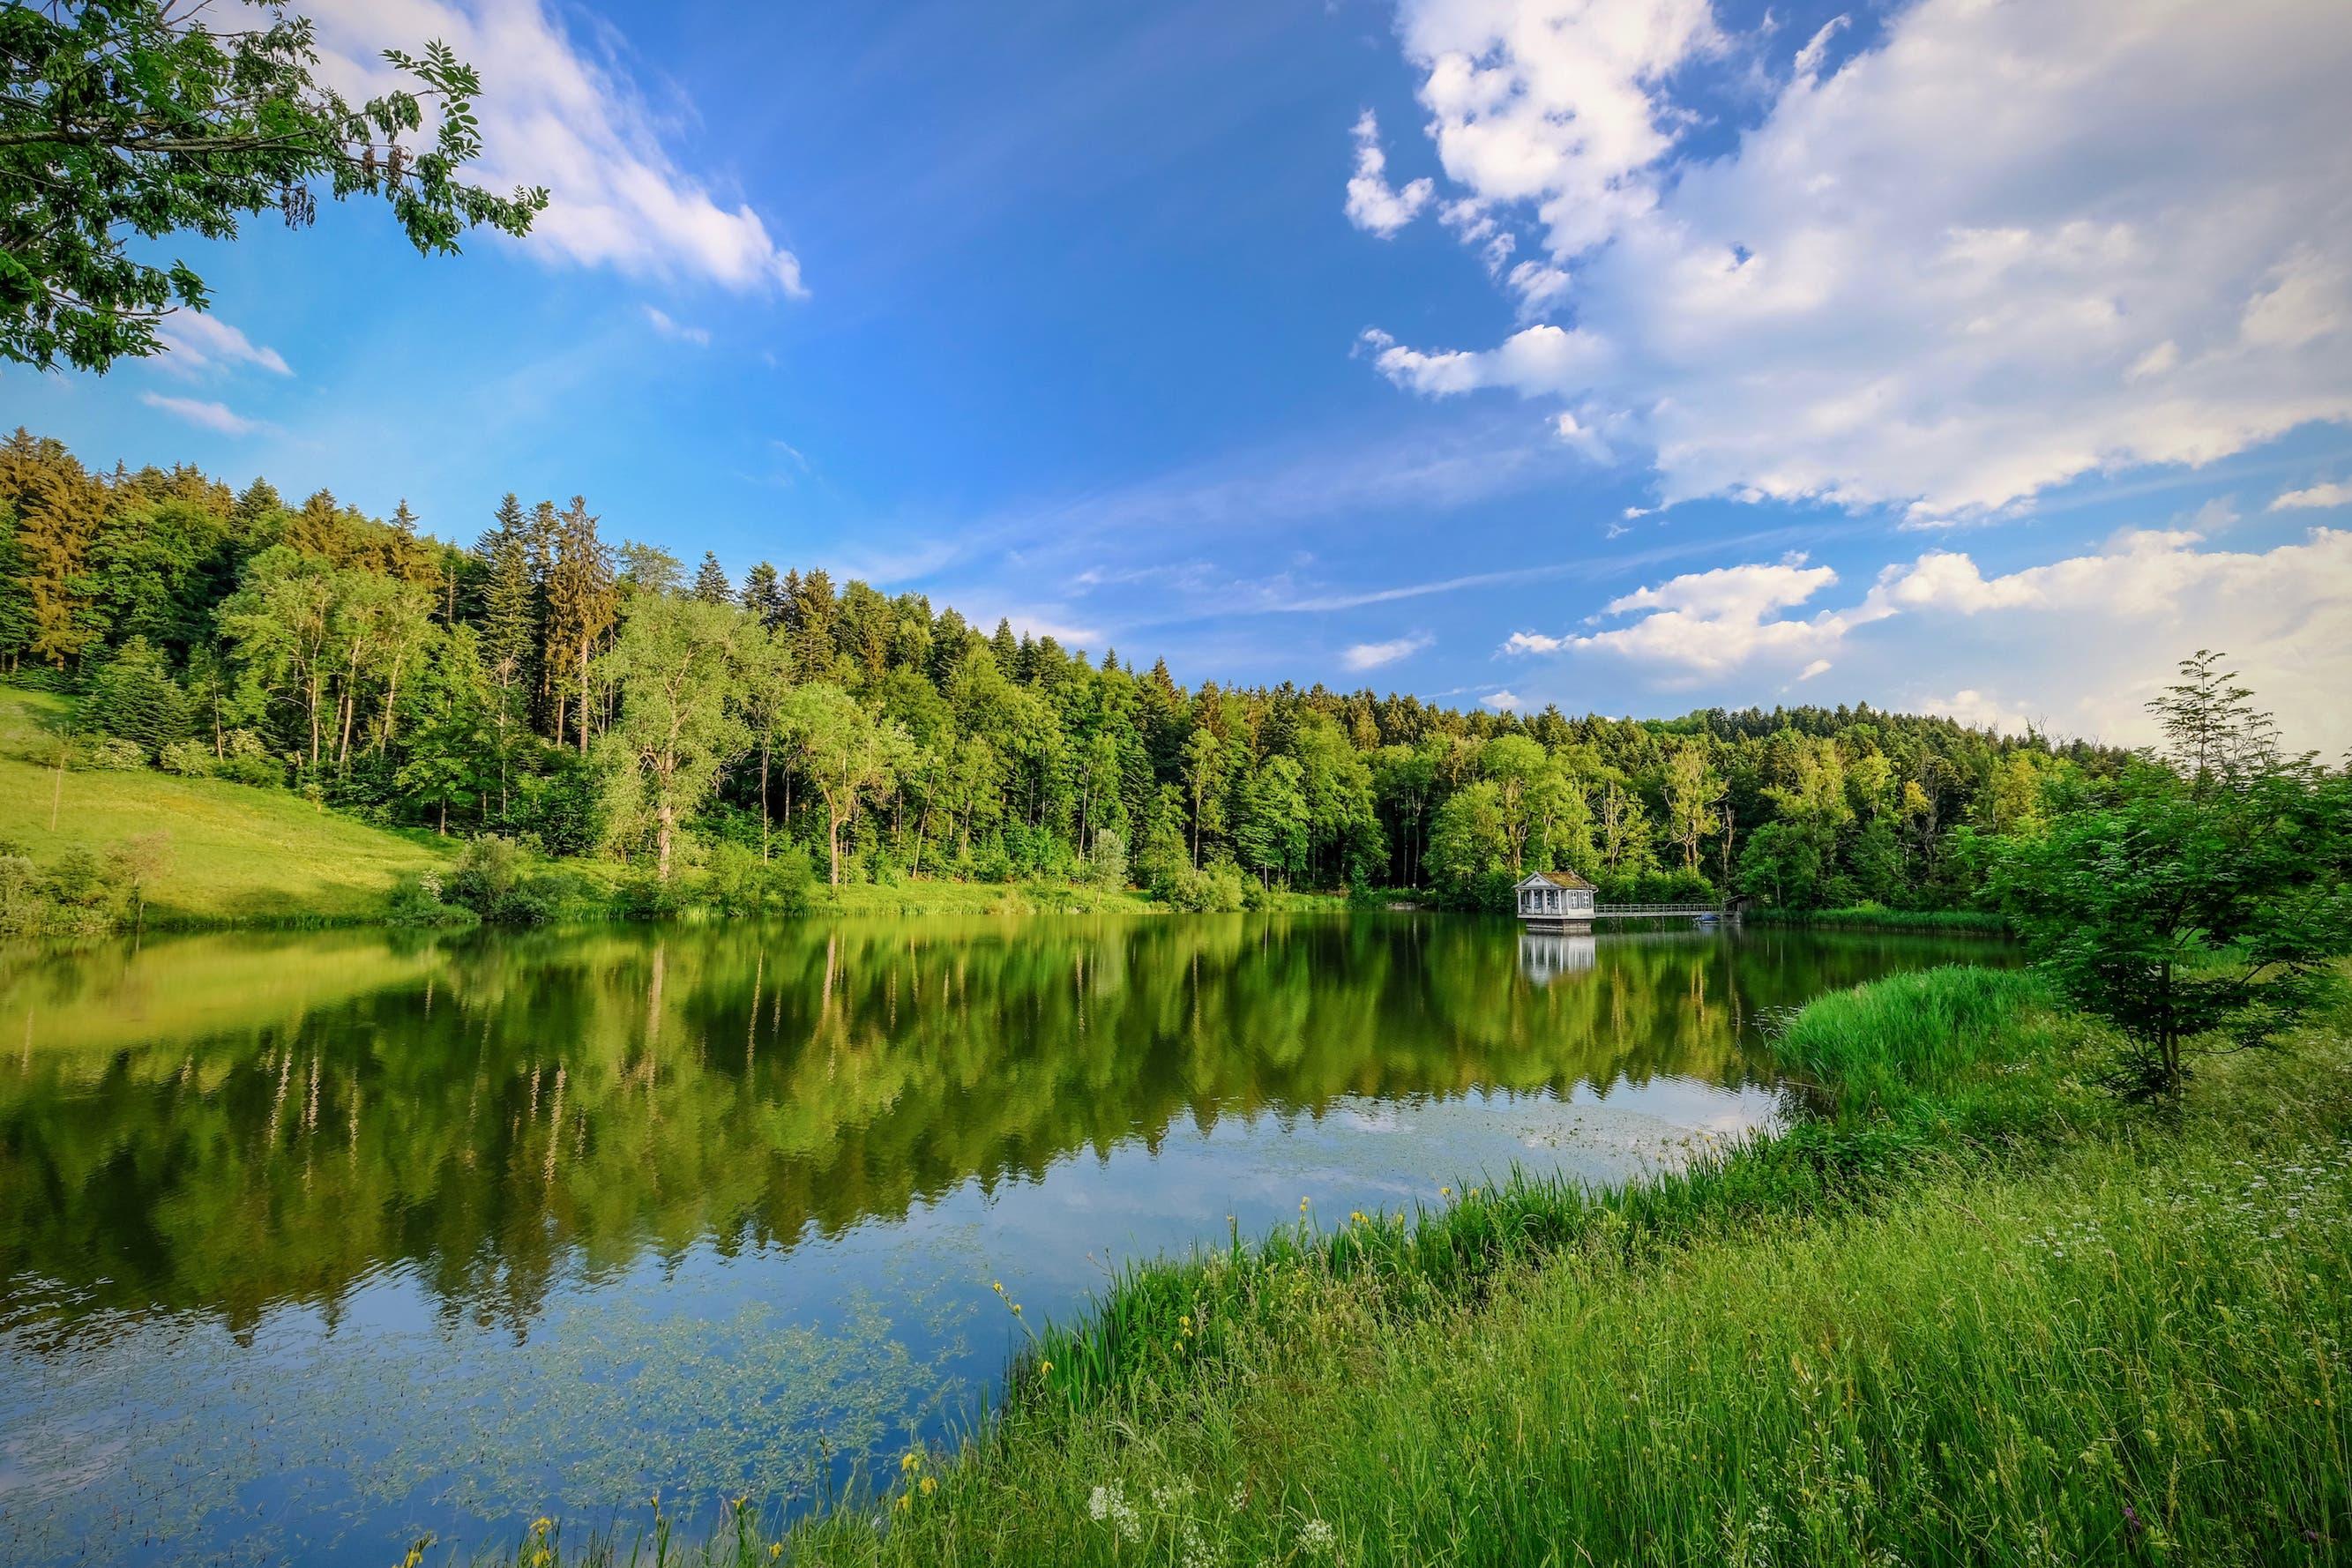 Das Umland des Wenigerweiers ist eine grüne Oase für viele Pflanzen und Tiere. (Leserbild: Luciano Pau - 7. Juni 2018)